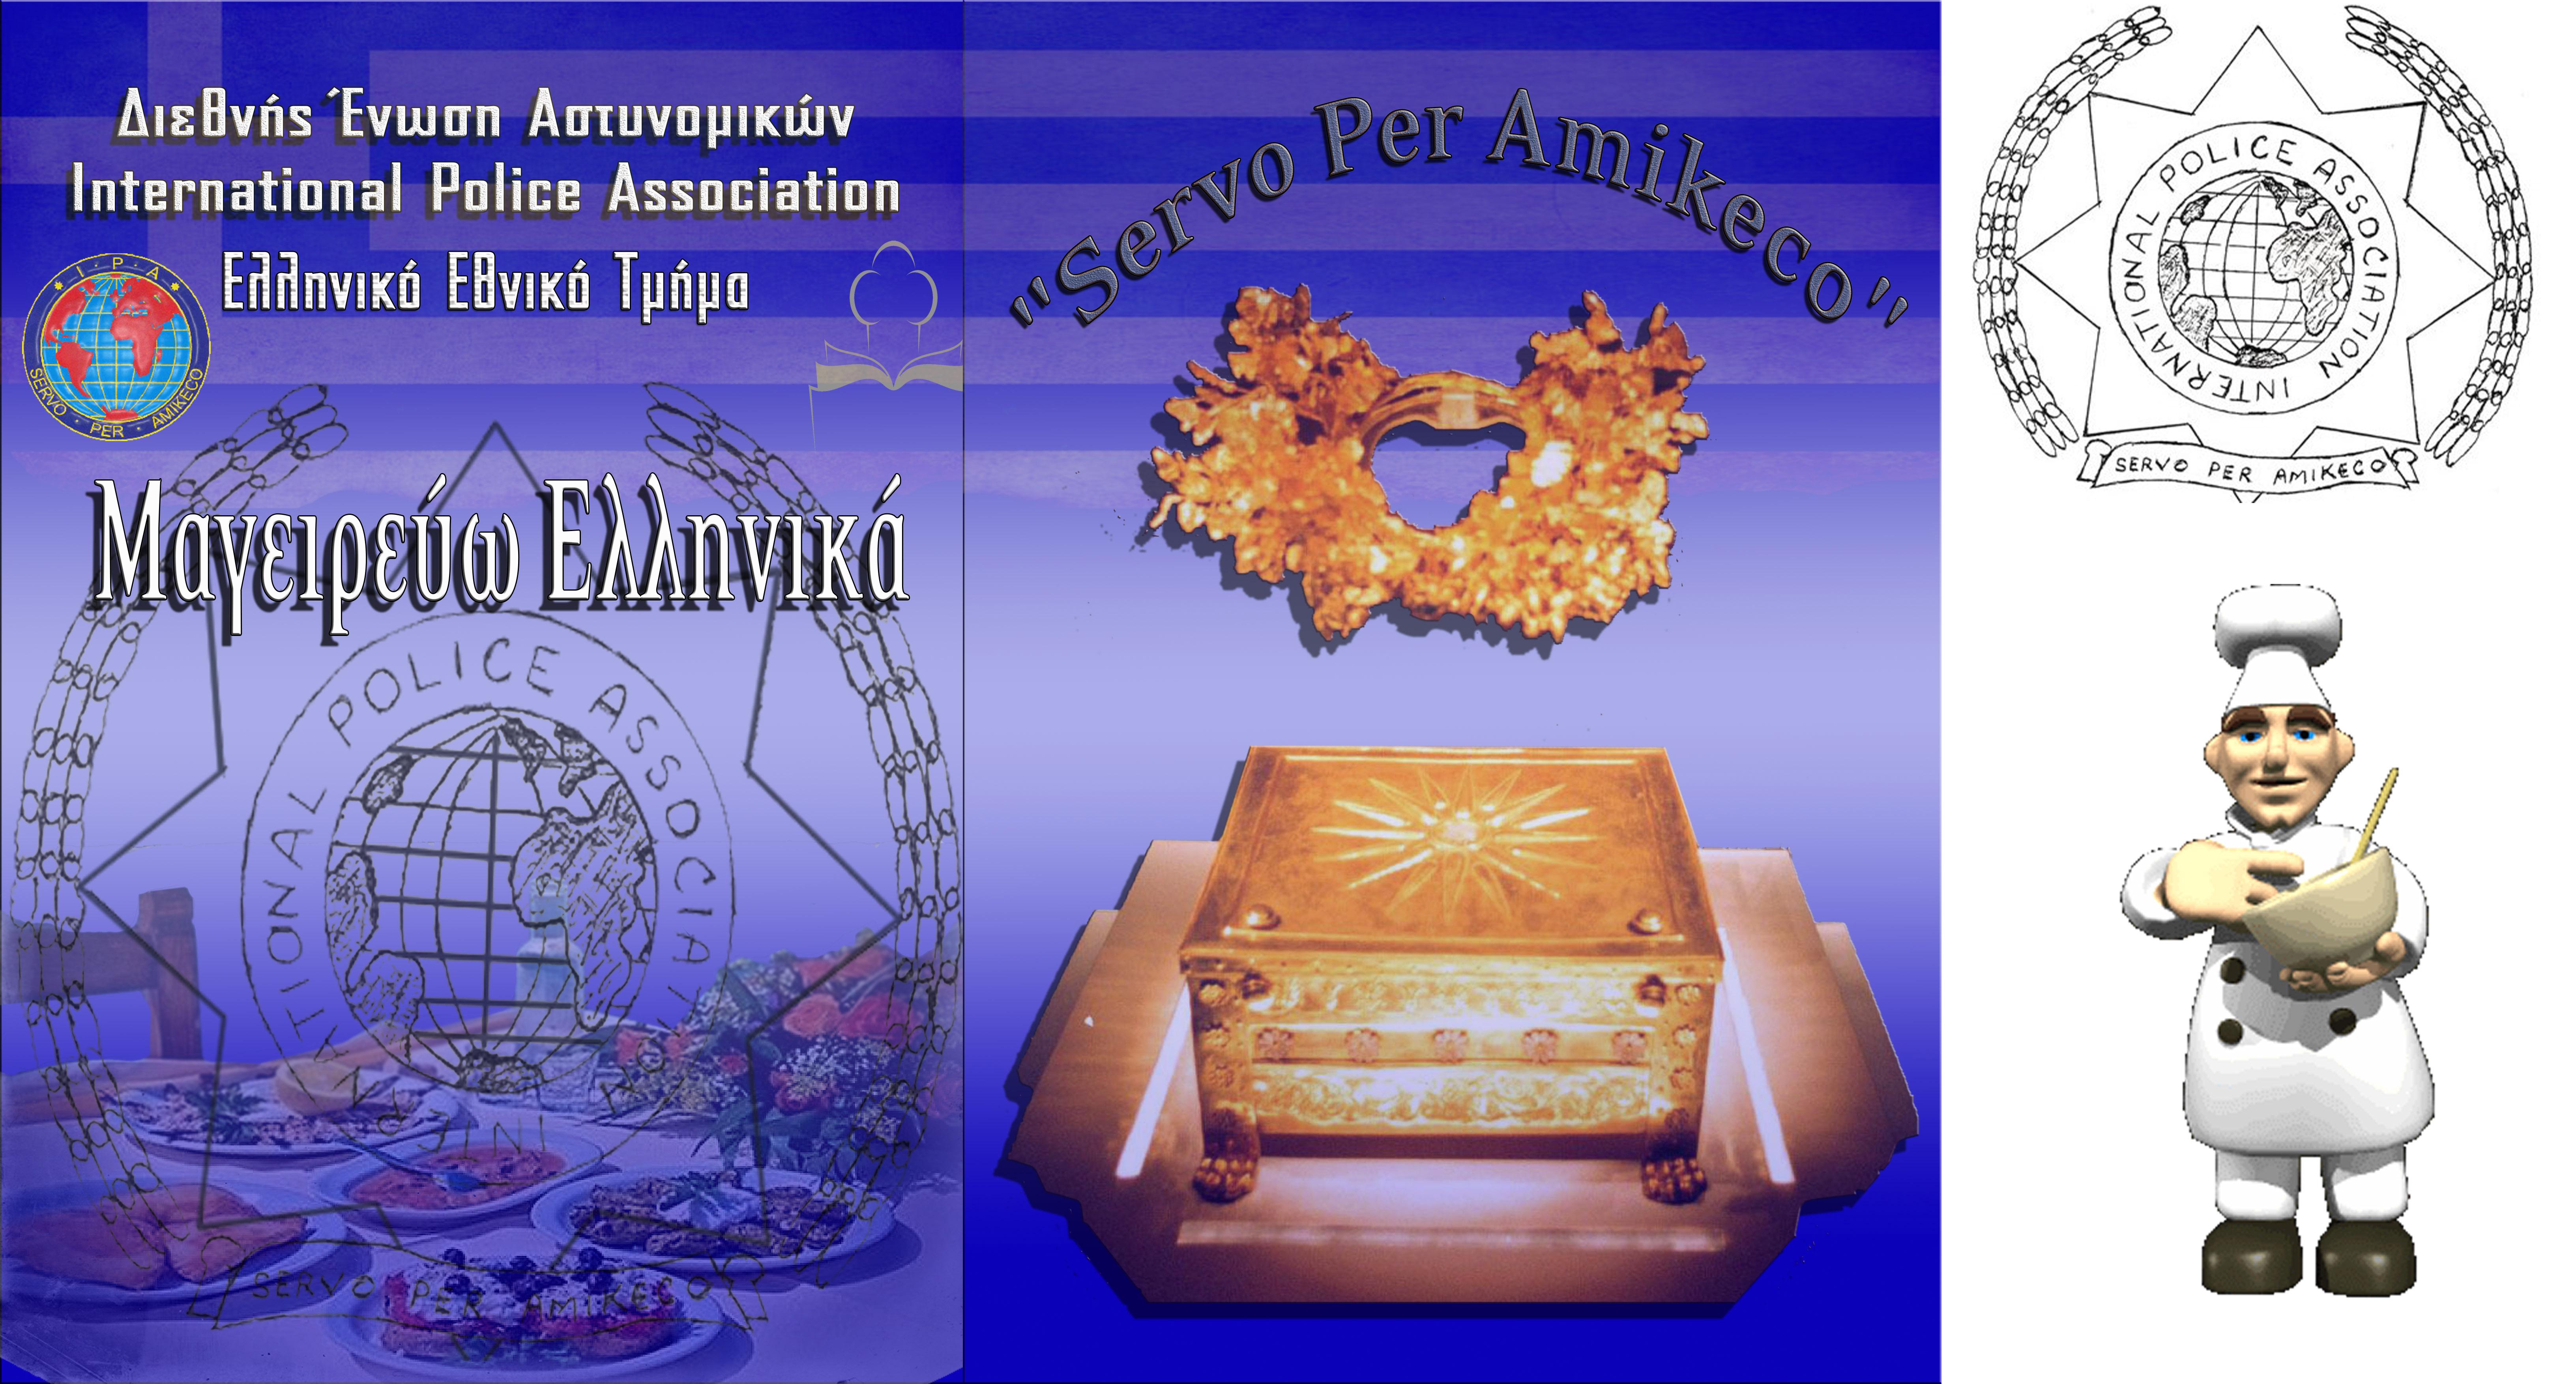 Βιβλίο μαγειρικής από τα μέλη της Διεθνούς Ένωσης Αστυνομικών